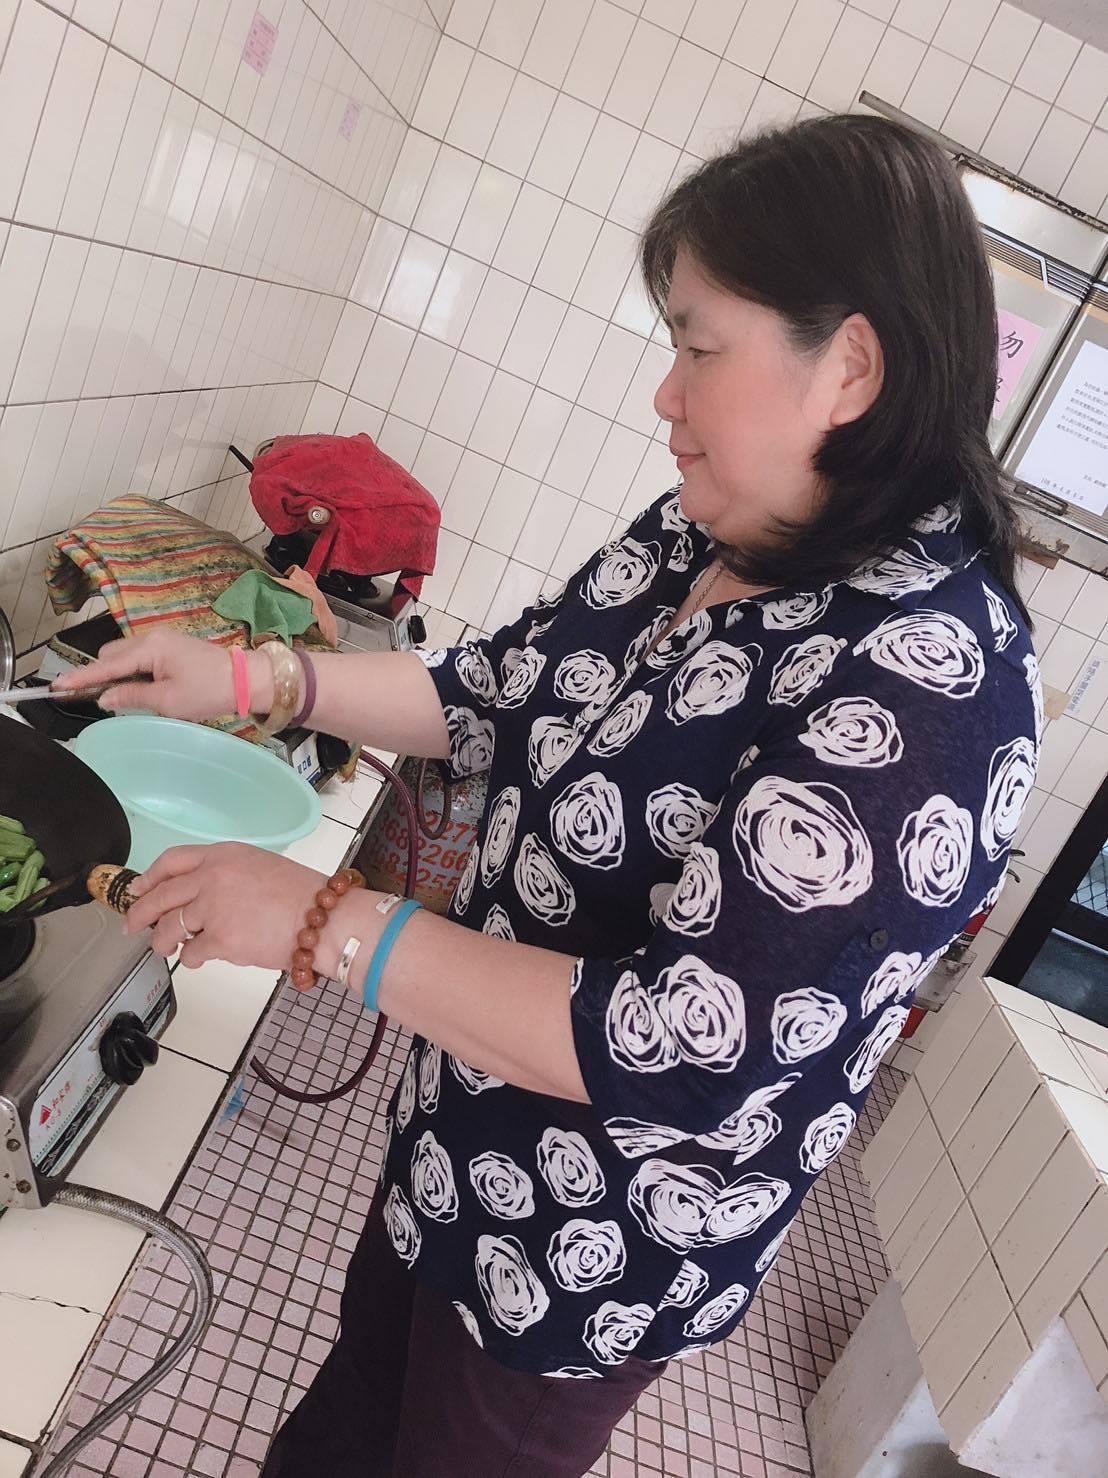 桃園八德榮家女性住民目前有92人,佔比將近六分之一,是全國女性住民最多的安養機構...